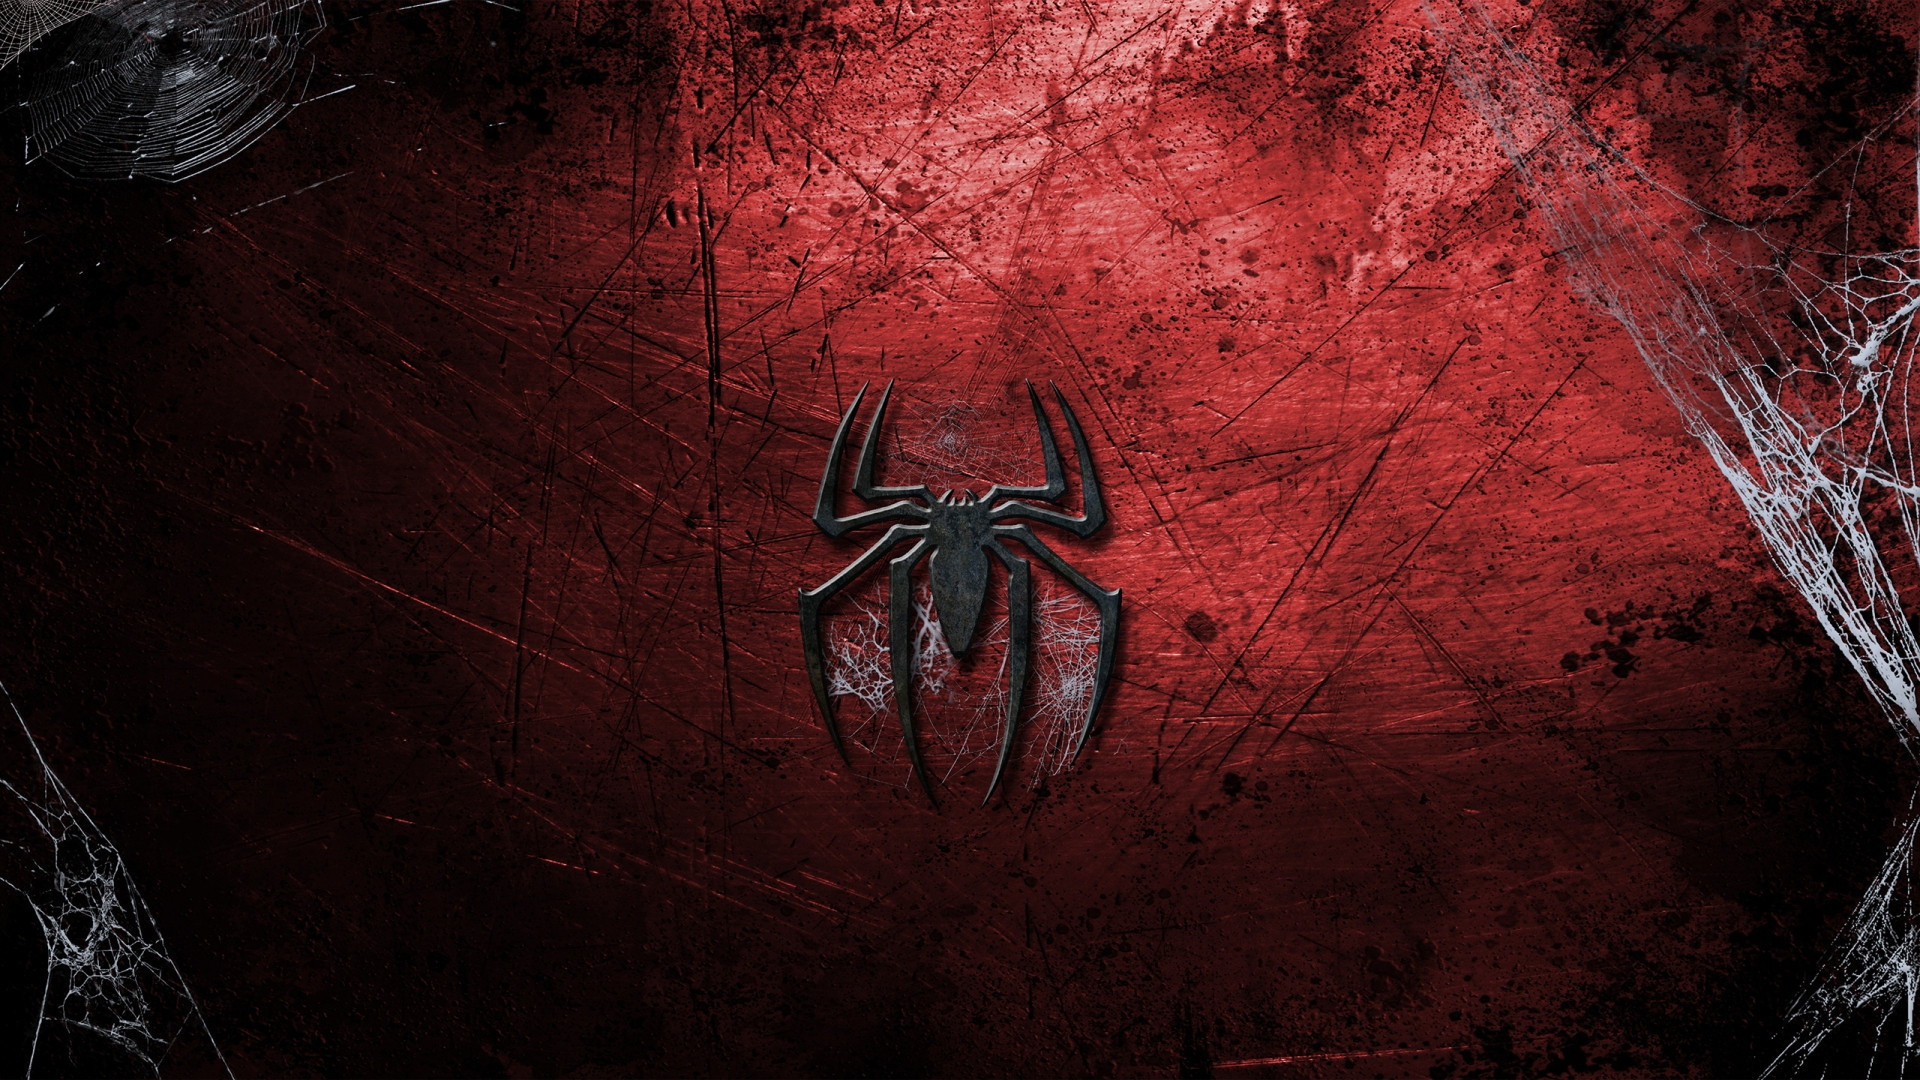 The Amazing SpiderMan HD desktop wallpaper : High 1920×1080 HD Amazing Spider  Man 2 Wallpapers (44 Wallpapers) | Adorable Wallpapers | Desktop |  Pinterest …